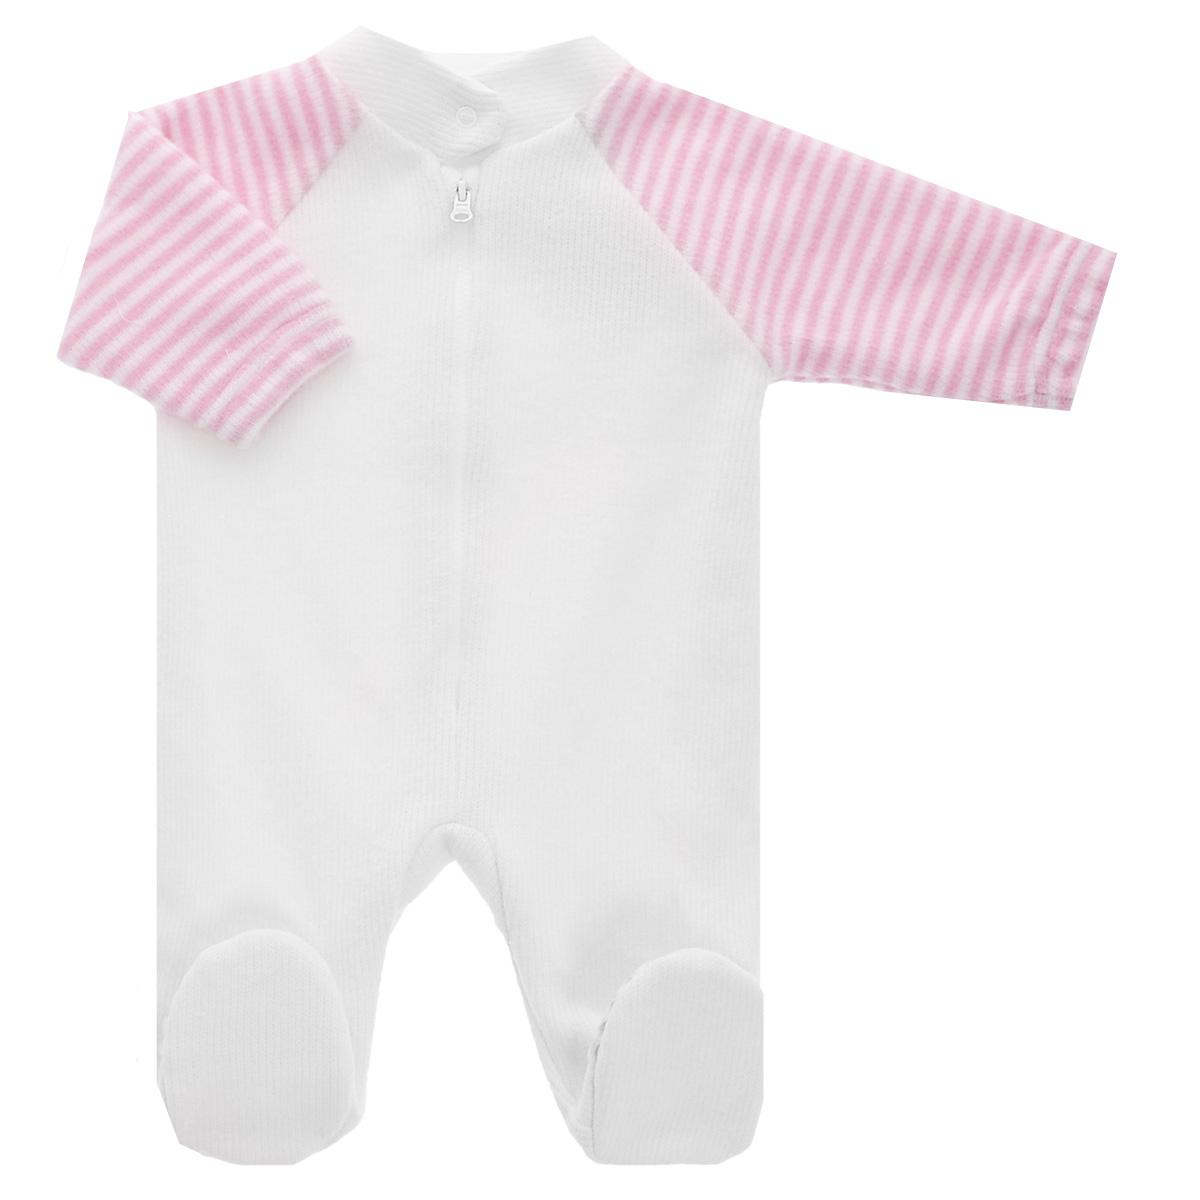 Комбинезон детский. 4-144-14Детский вязаный комбинезон Lucky Child - очень удобный и практичный вид одежды для малышей. Комбинезон выполнен из натурального хлопка, на подкладке также используется натуральный хлопок, благодаря чему он необычайно мягкий и приятный на ощупь, не раздражают нежную кожу ребенка и хорошо вентилируются, а эластичные швы приятны телу малыша и не препятствуют его движениям. Комбинезон с воротником-стойкой, длинными рукавами-реглан и закрытыми ножками имеет пластиковую застежку-молнию по центру, которая помогает легко переодеть младенца. Воротничок застегивается на металлическую кнопку. Рукава понизу дополнены неширокими эластичными манжетами, не перетягивающими запястья. С детским комбинезоном Lucky Child спинка и ножки вашего малыша всегда будут в тепле. Комбинезон полностью соответствует особенностям жизни младенца в ранний период, не стесняя и не ограничивая его в движениях!